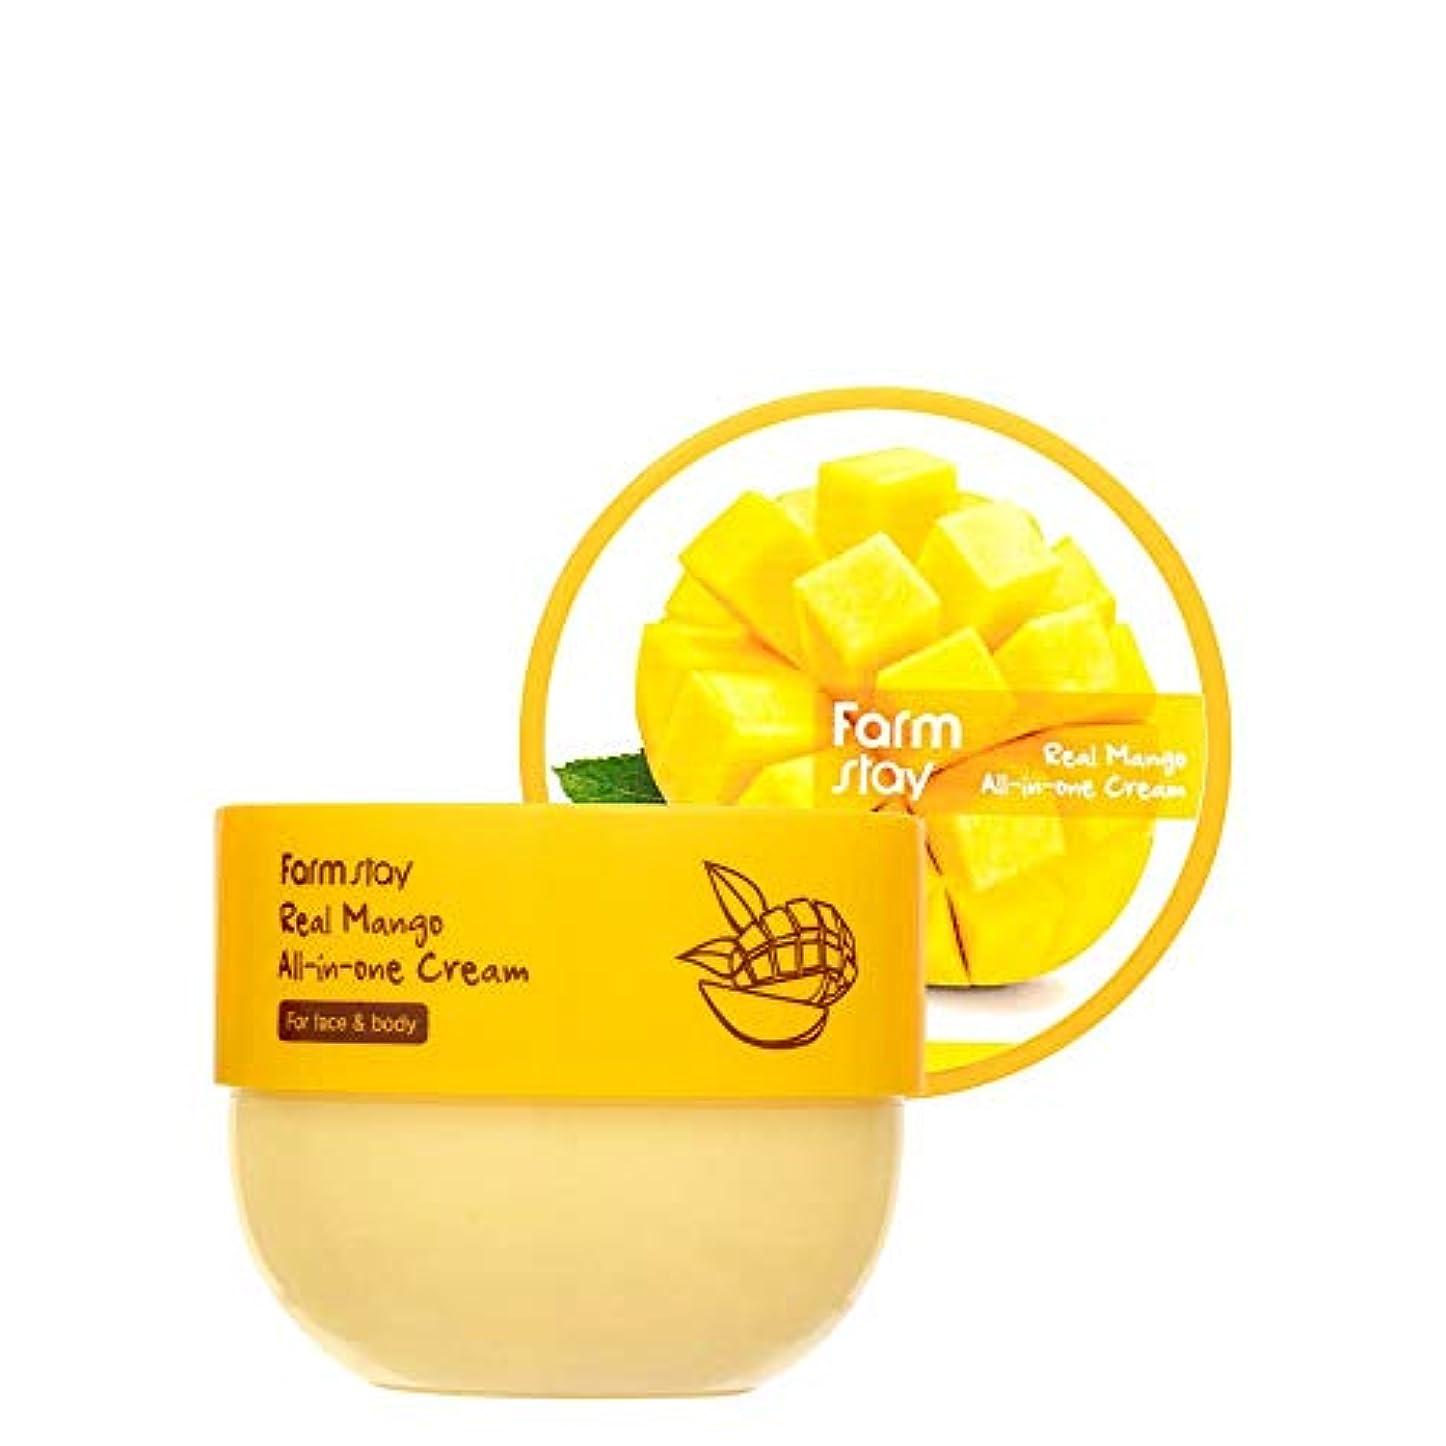 リボン風刺タヒチファームステイ[Farm Stay] リアルマンゴーオールインワンクリーム 300ml / Real Mango All-in-One Cream